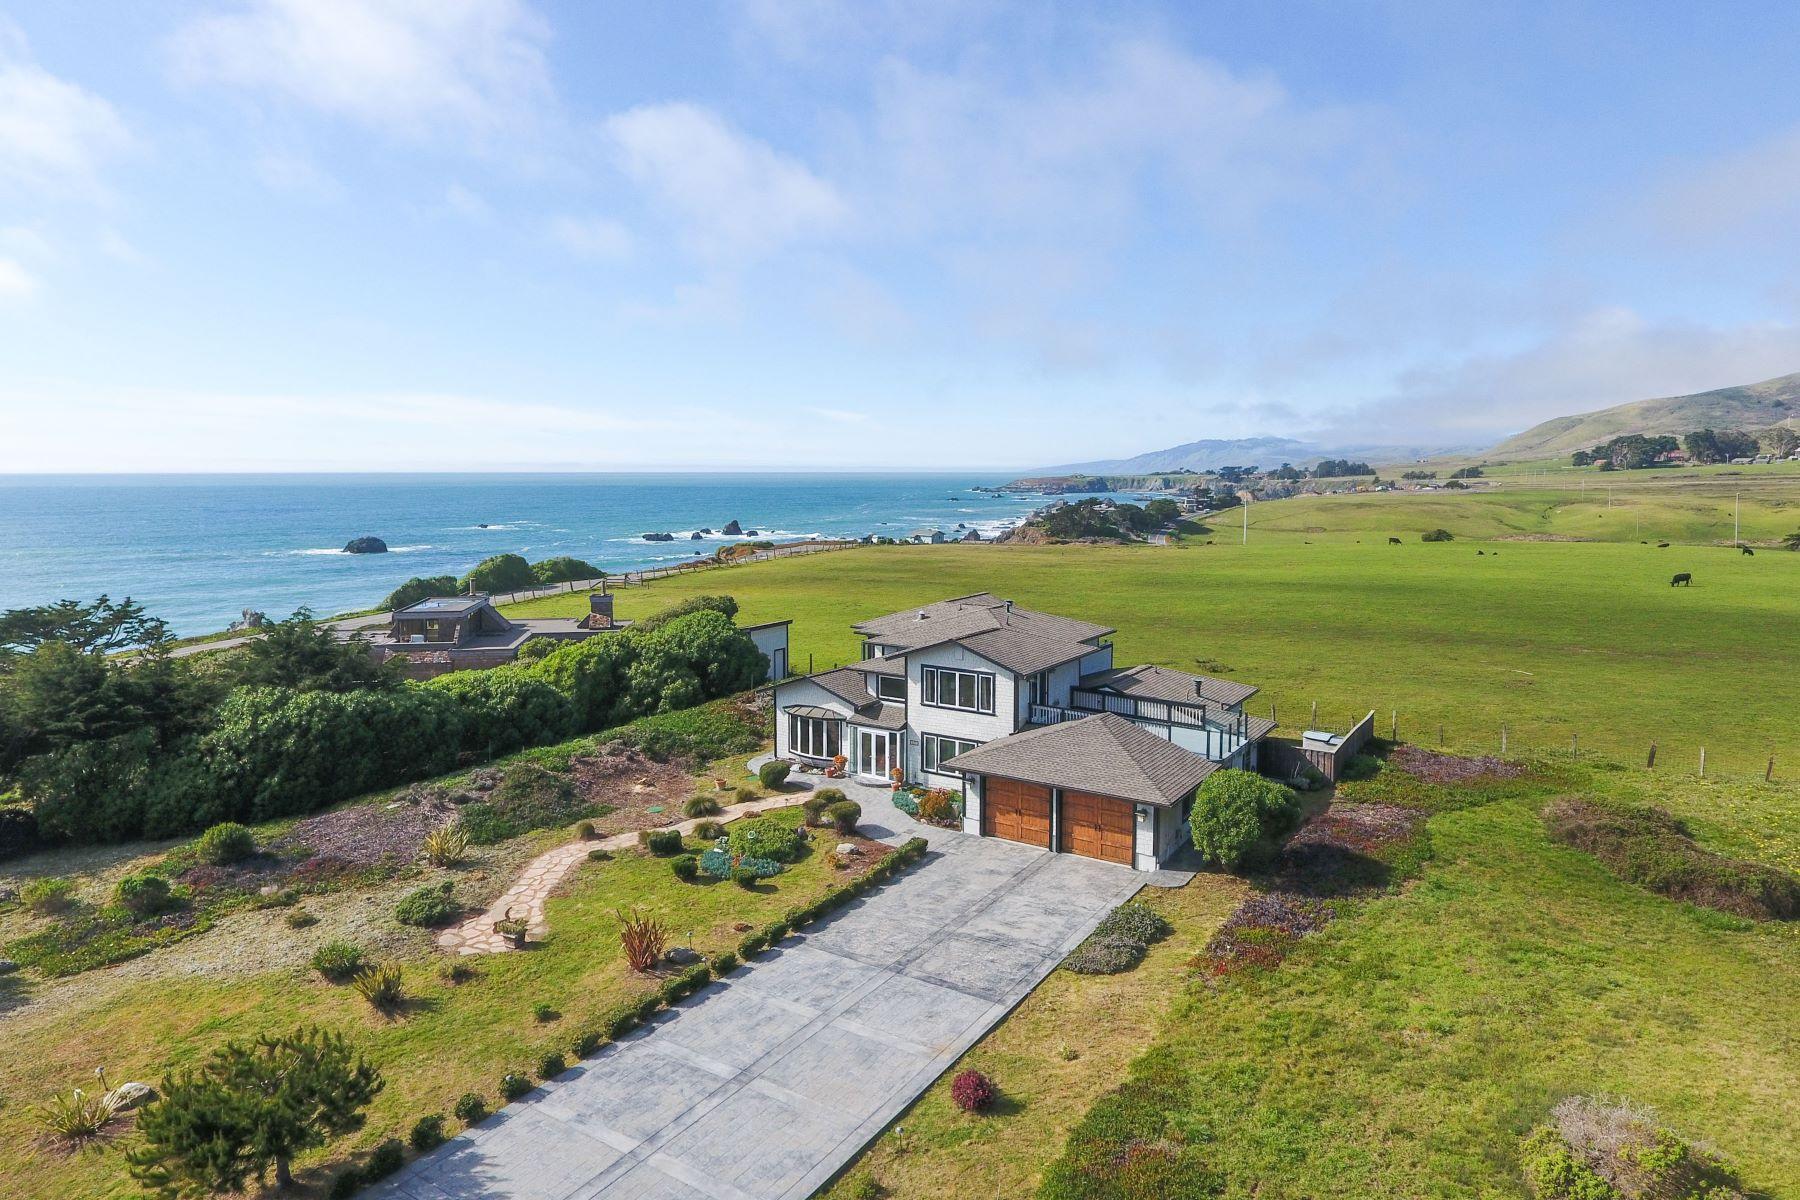 Maison unifamiliale pour l Vente à Sonoma Coast Custom-Built Home with White Water Views 125 Calle Del Sol Bodega Bay, Californie 94923 États-Unis